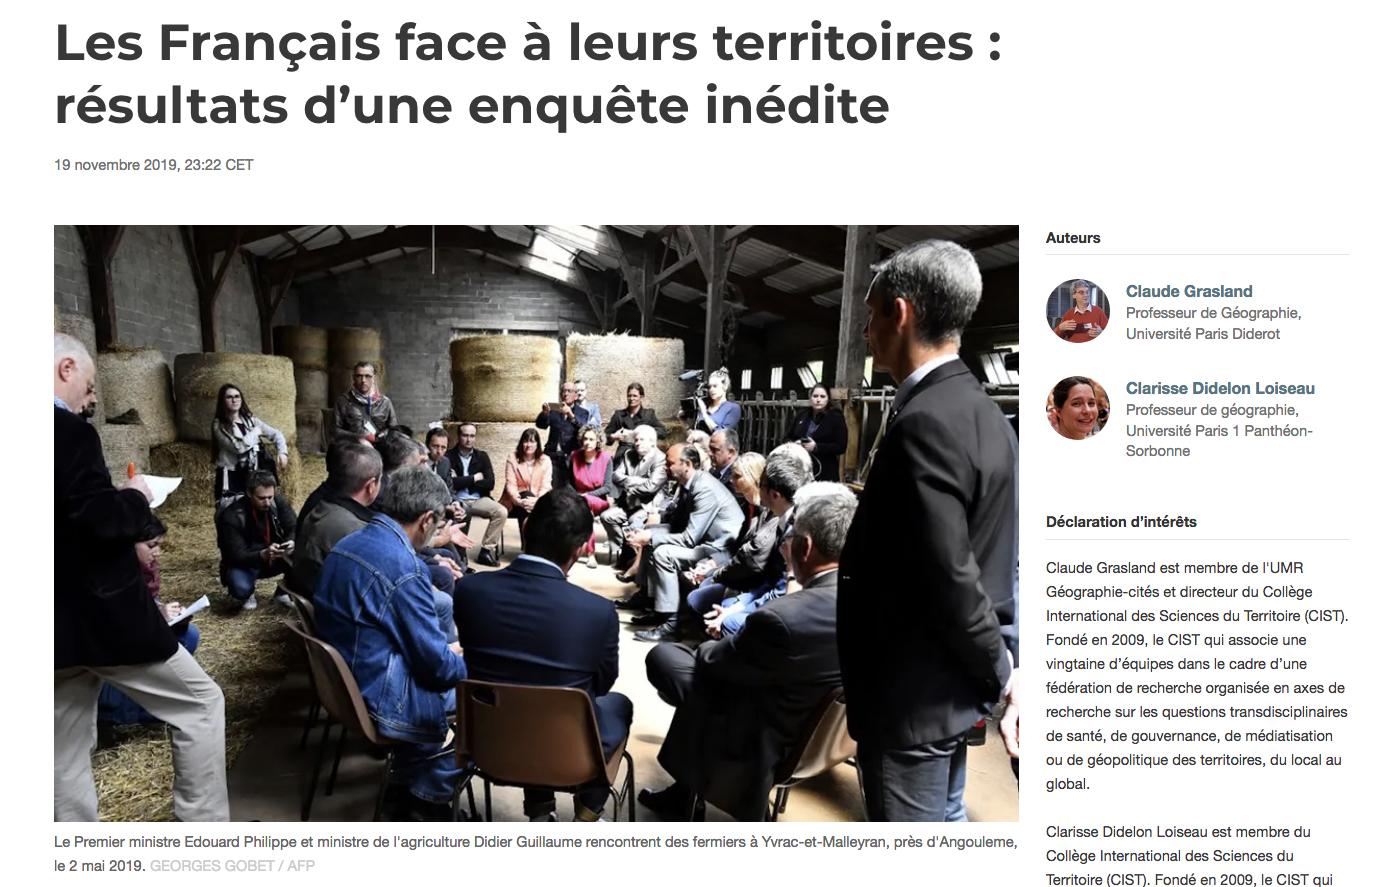 Les français face à leurs territoires : une enquête inédite, article dans le media The Conversation